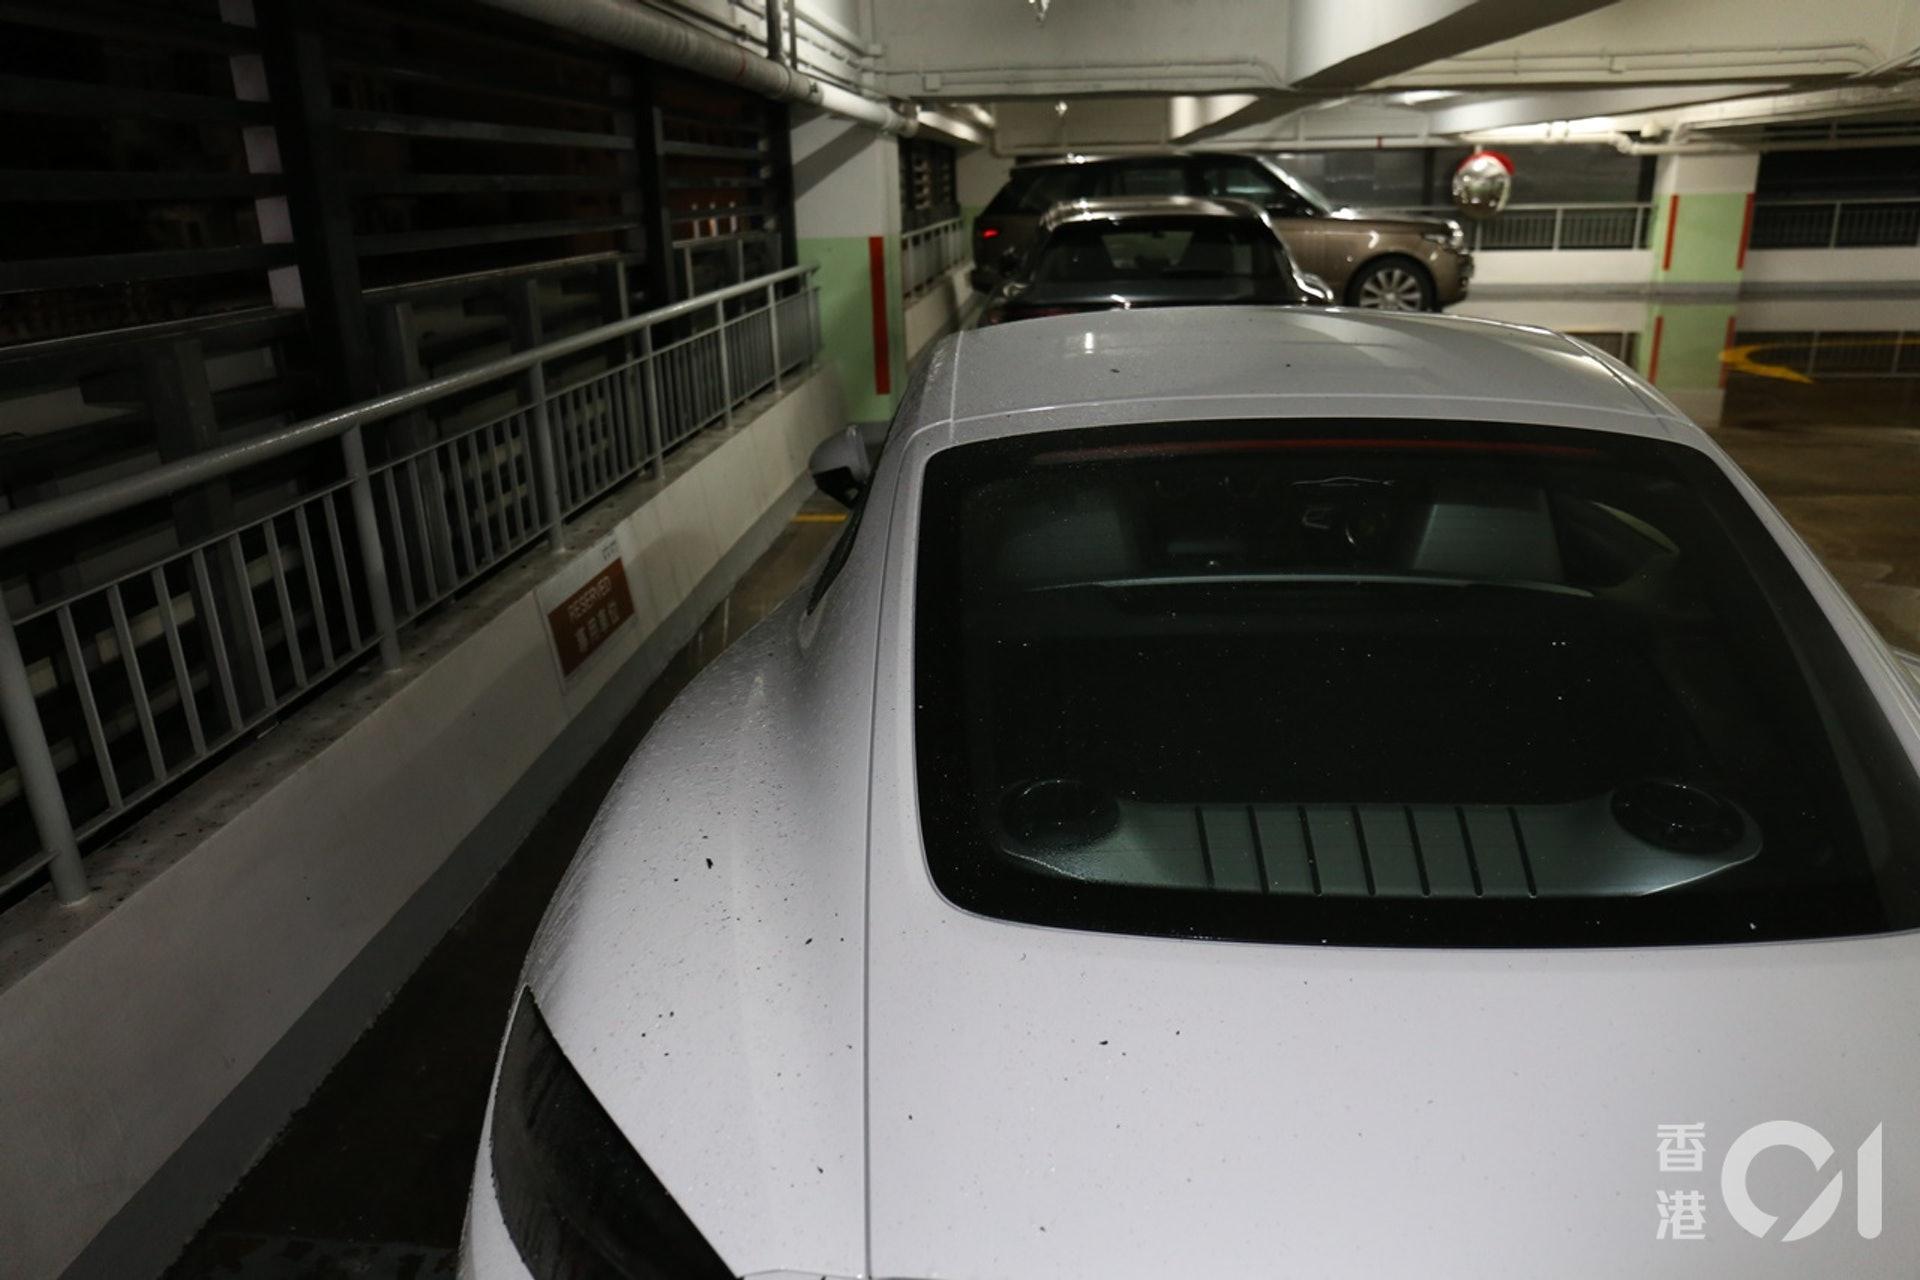 消防射水撲救期間,鄰近資本中心停車場受影響,有保時捷名車被濺濕及沾有灰燼。(劉定安攝)